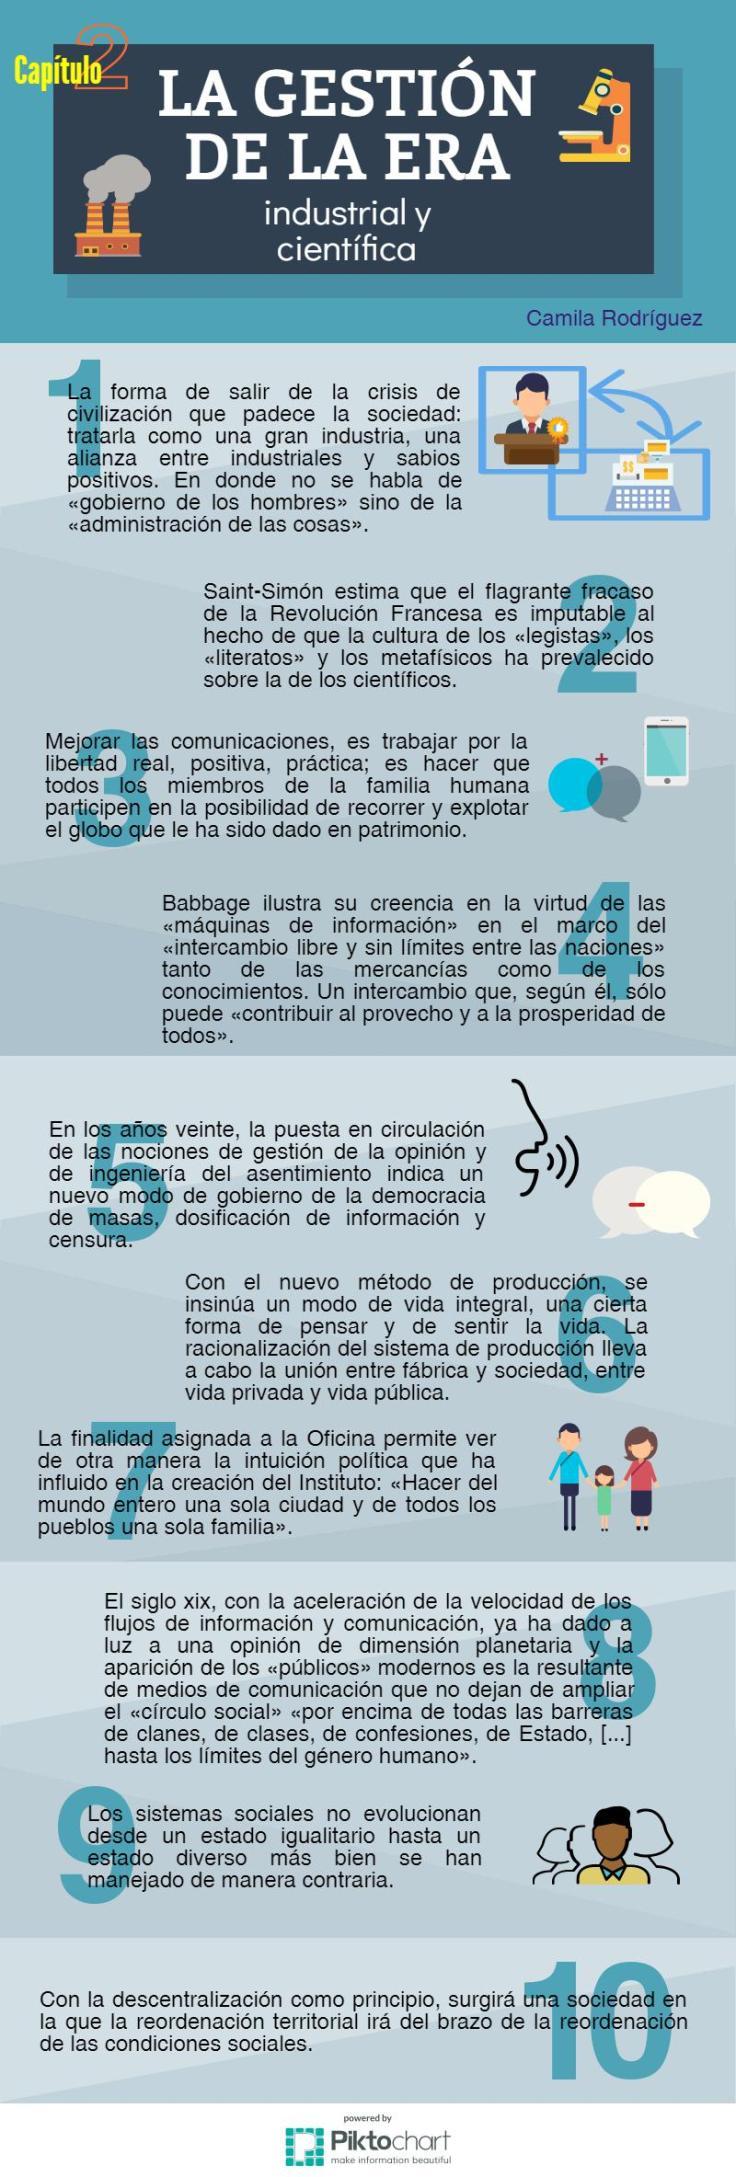 01. Rodríguez.jpeg